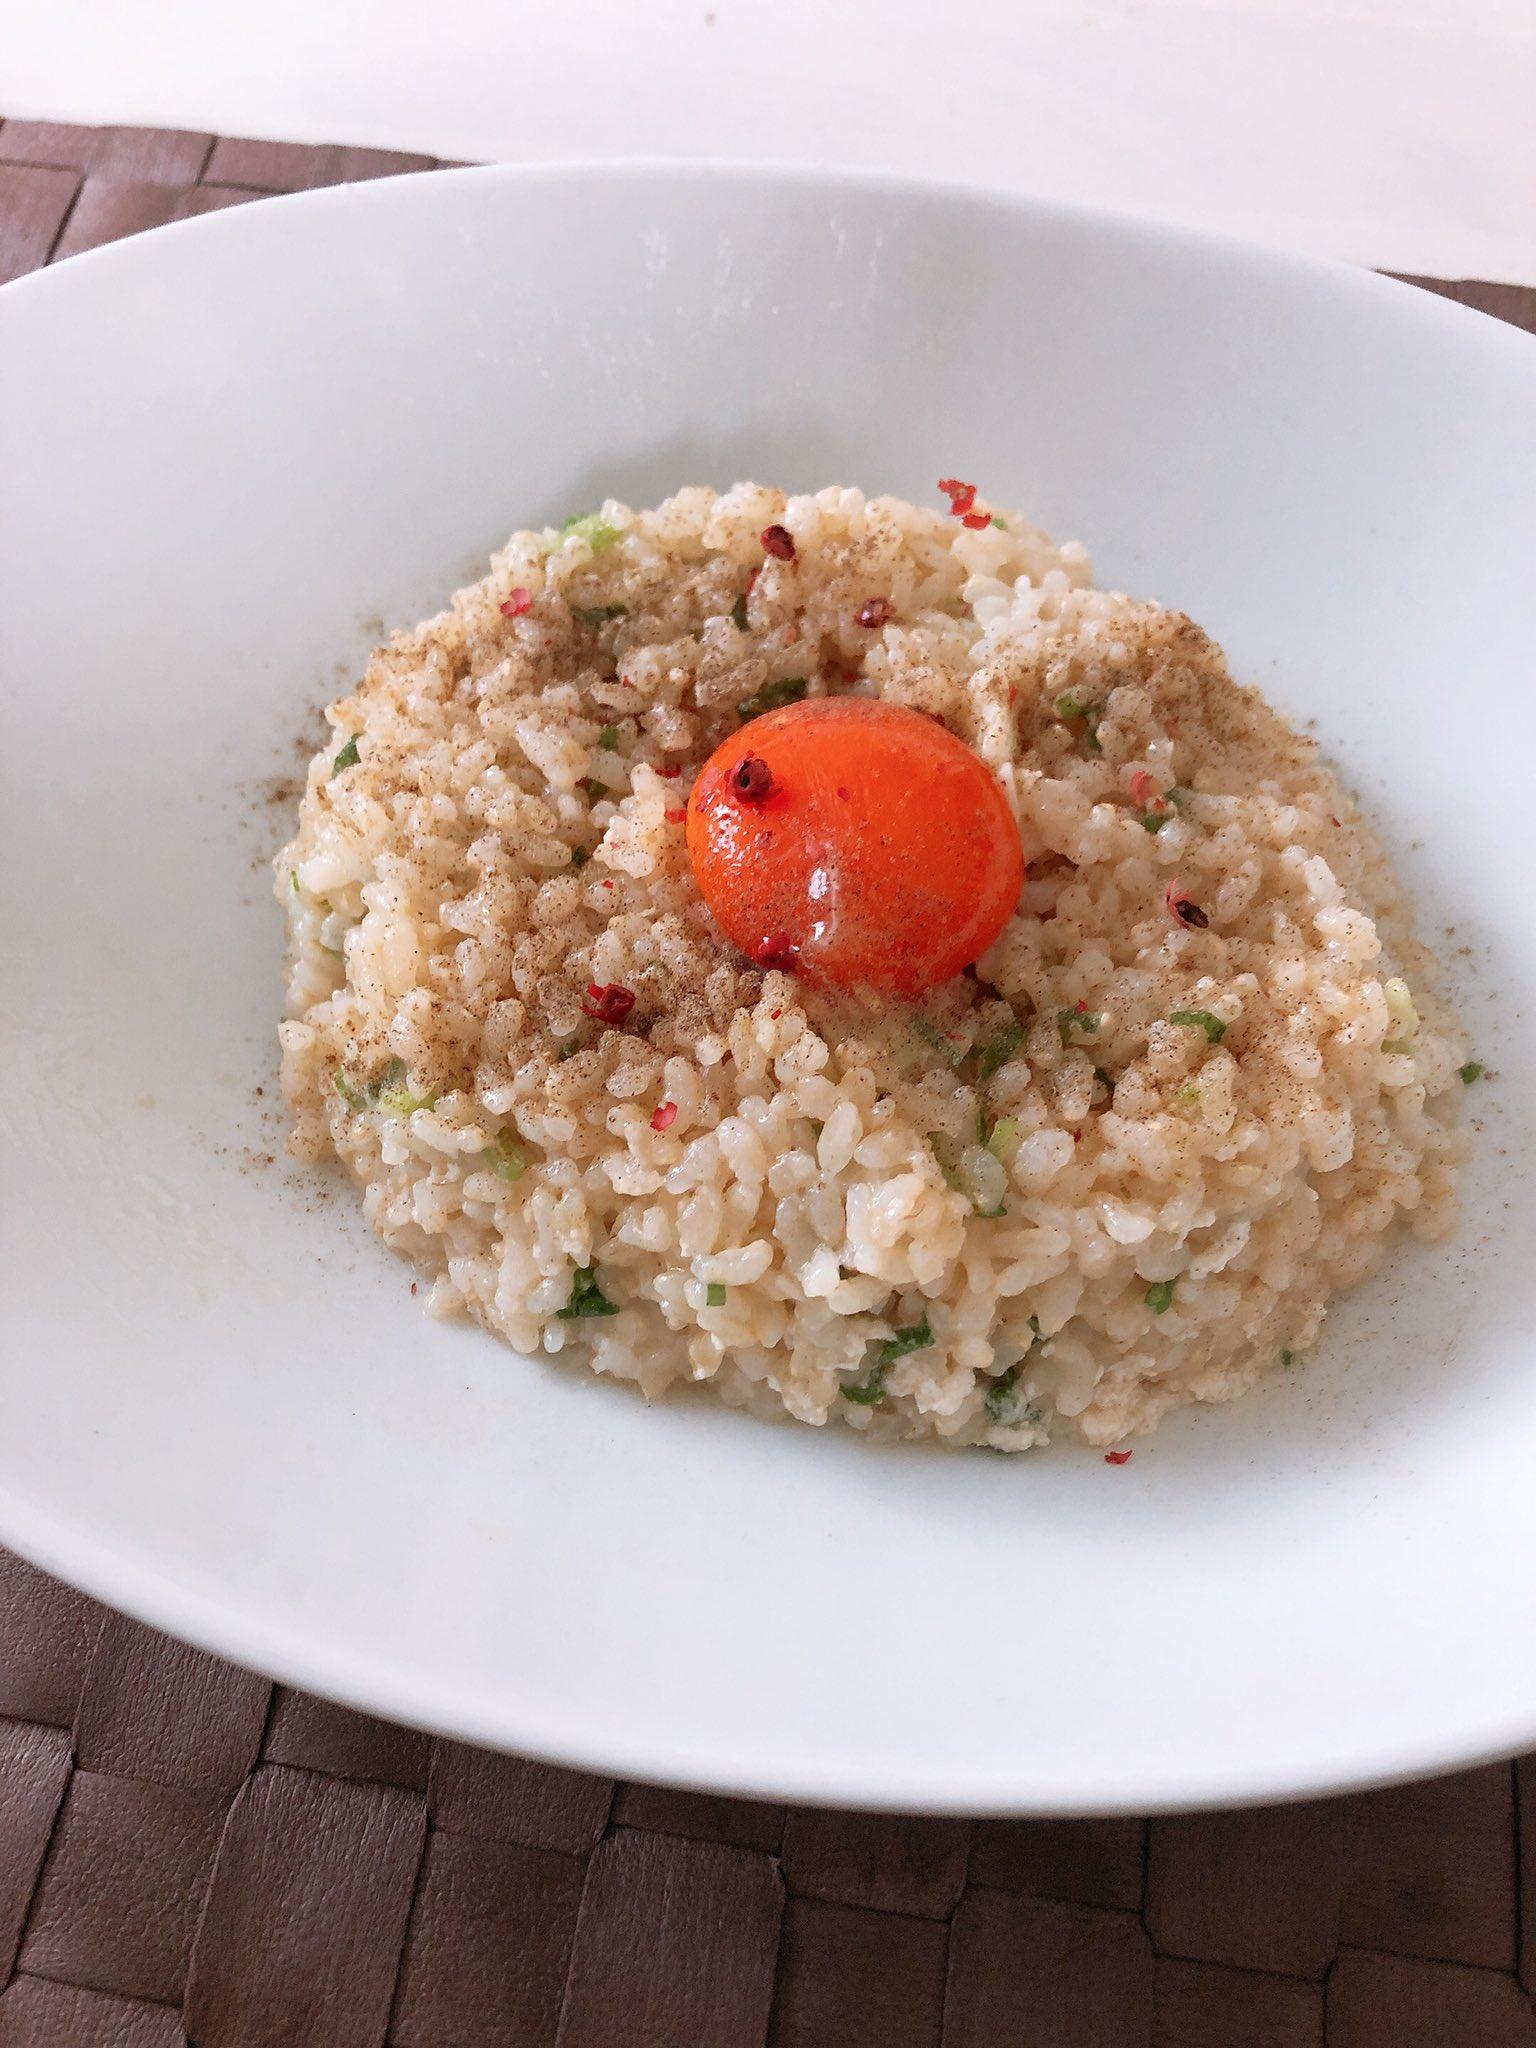 見てー✨生チャーハン。 電子レンジであっという間。 美味しい簡単またつくろ😆 素晴らしきレシピ おススメです・:*+.(( °ω° ))/.:+